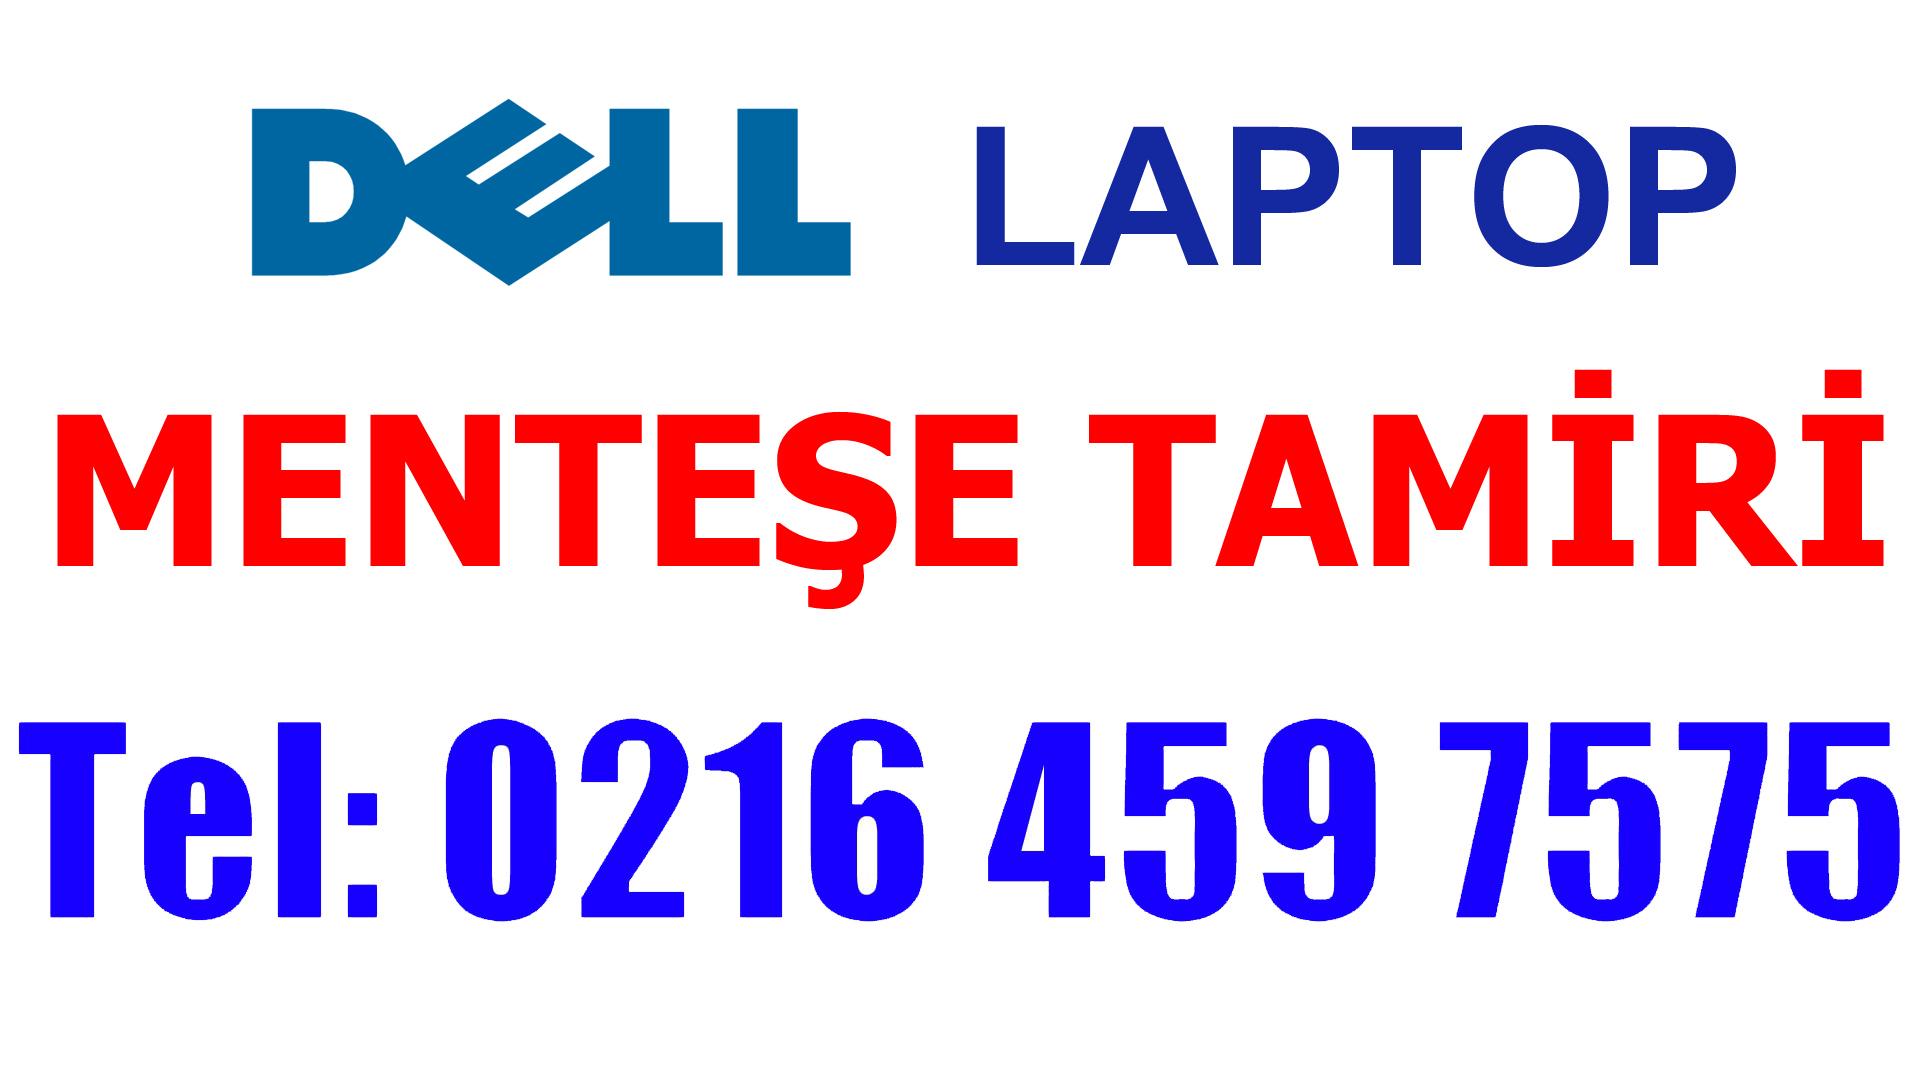 Dell Laptop Menteşe Tamiri ve Değişimi